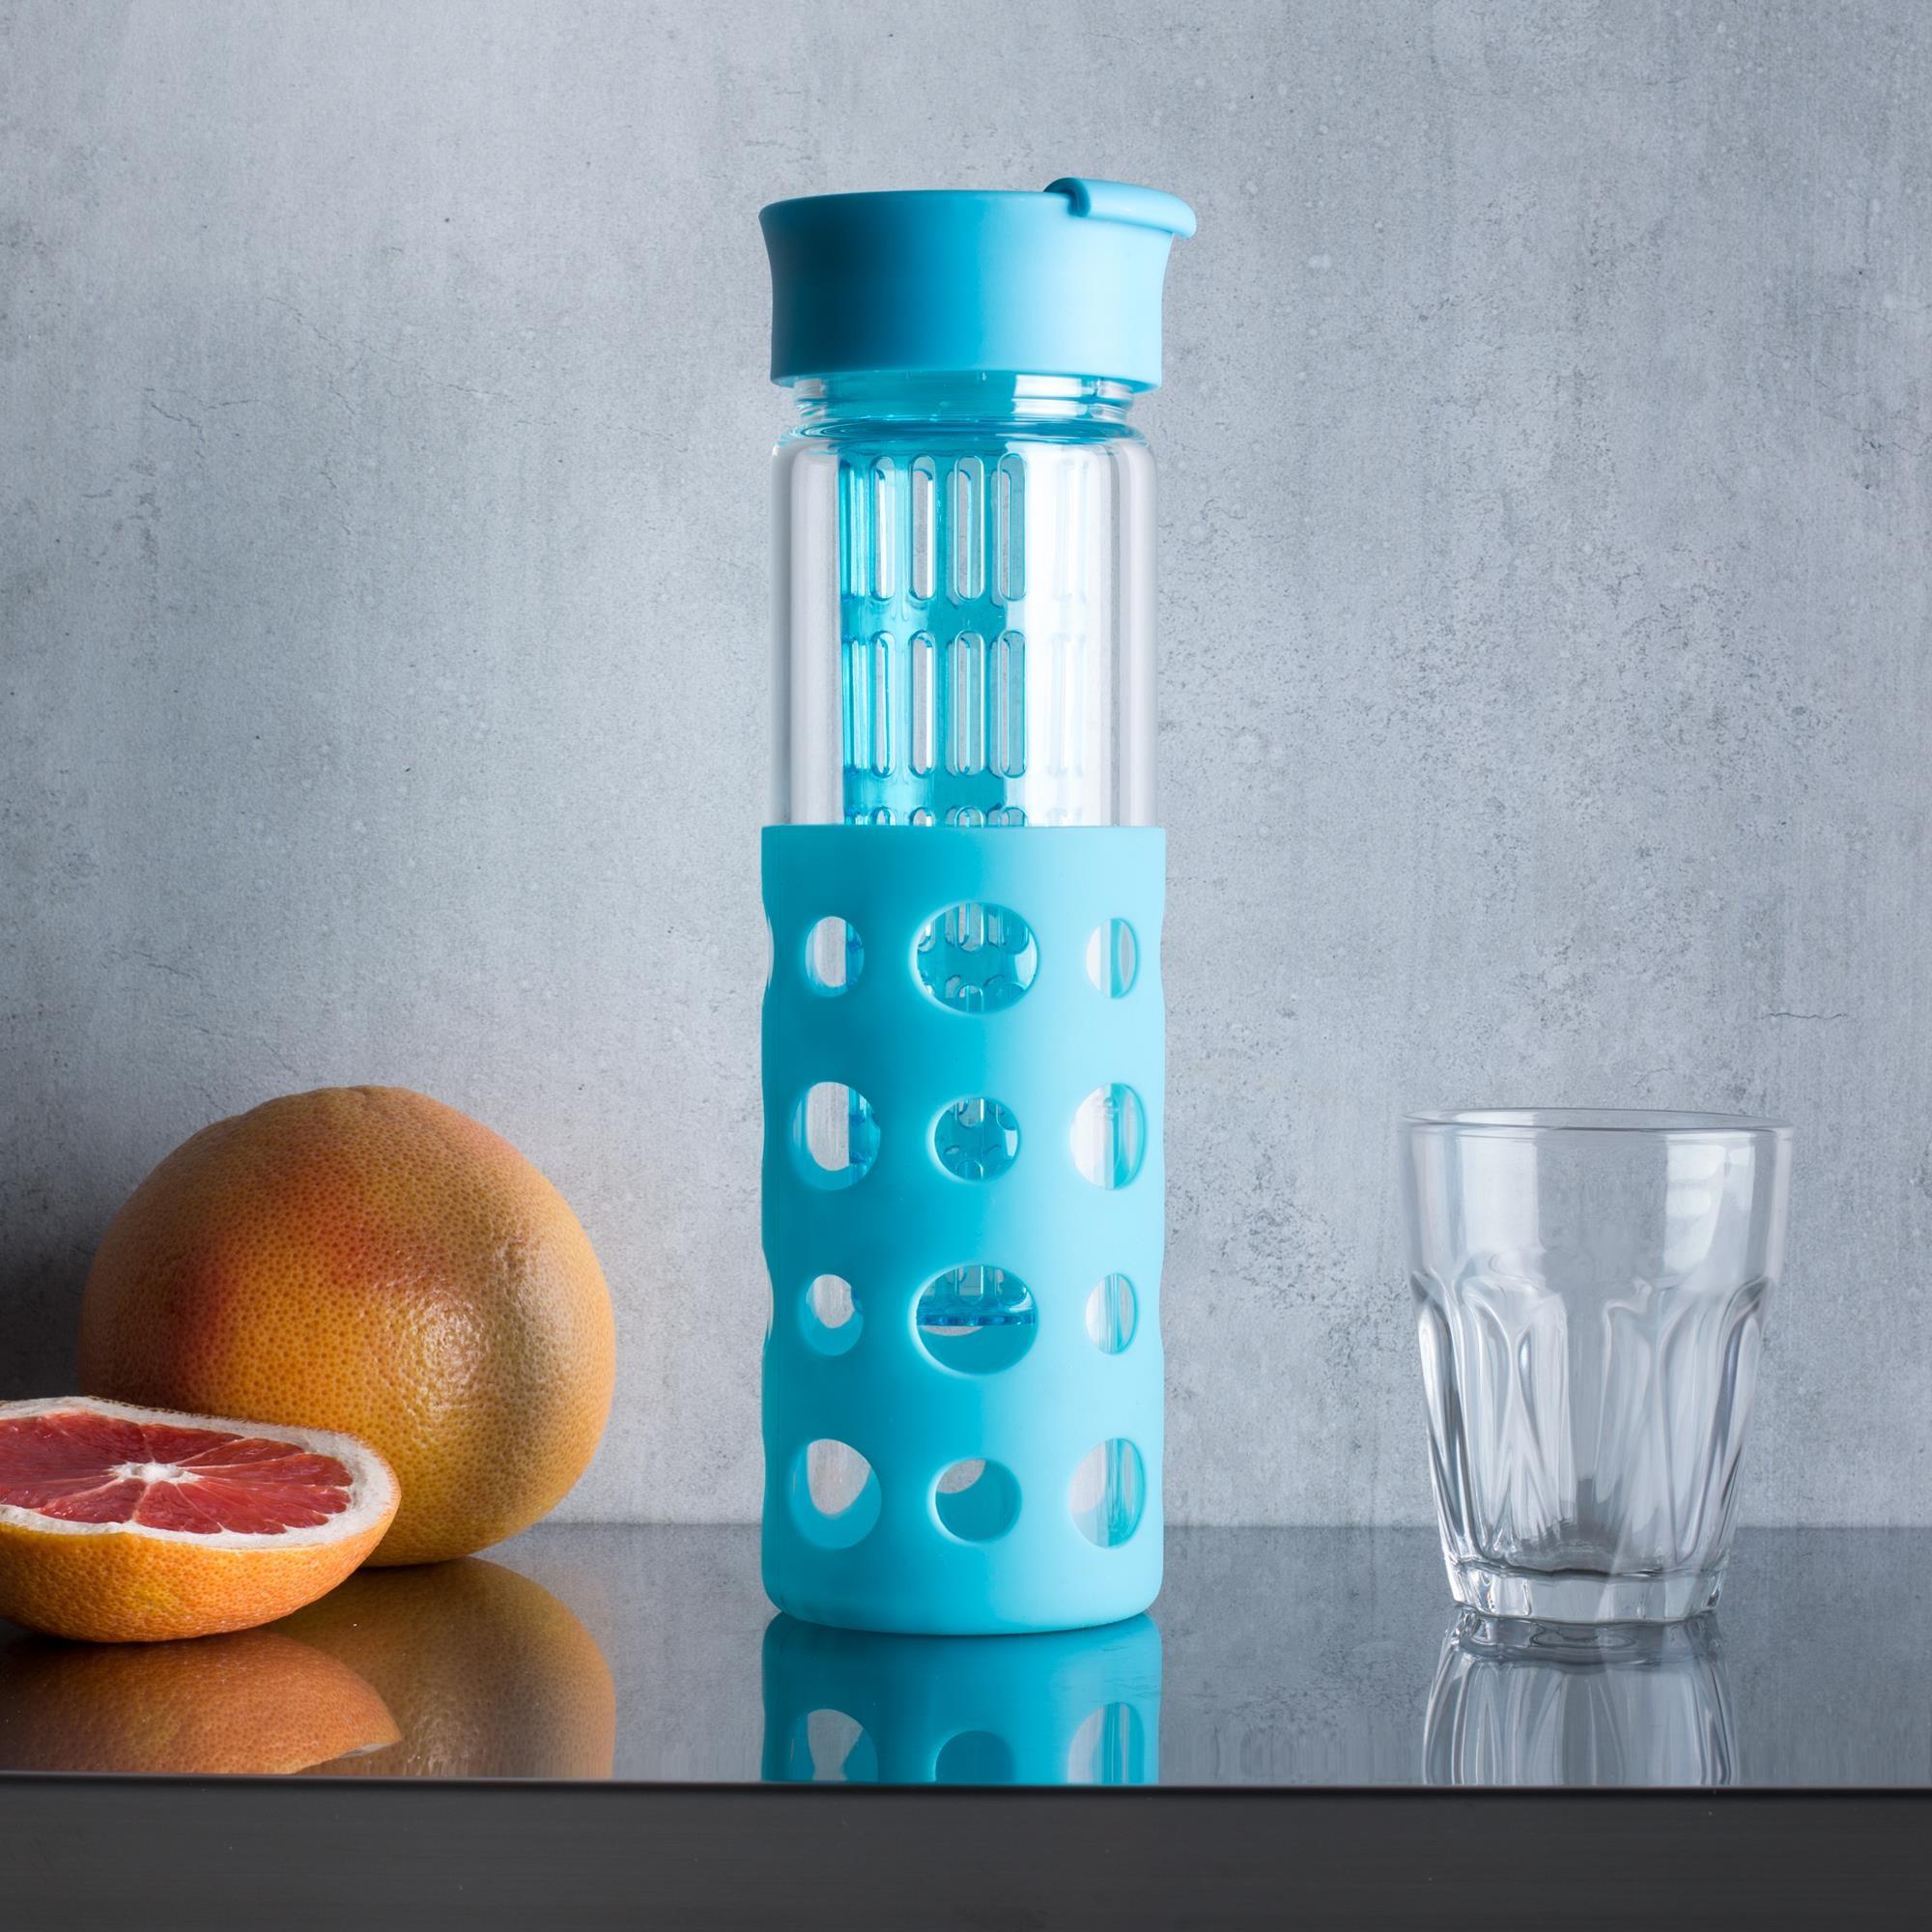 2.Φέρτε μαζί σας ένα επαναχρησιμοποιούμενο μπουκάλι νερού -